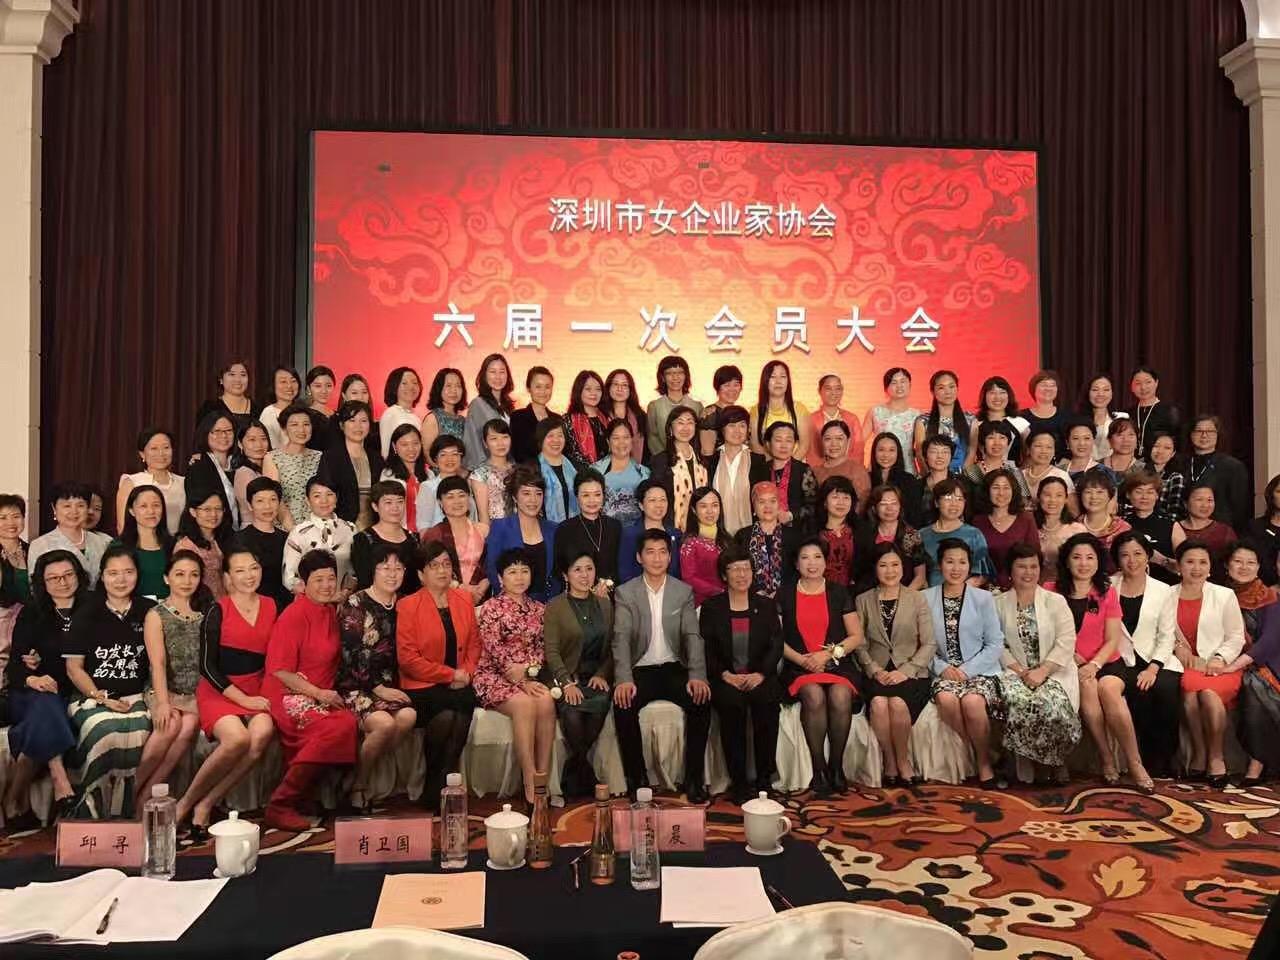 深圳市女企业家协会25周年庆典